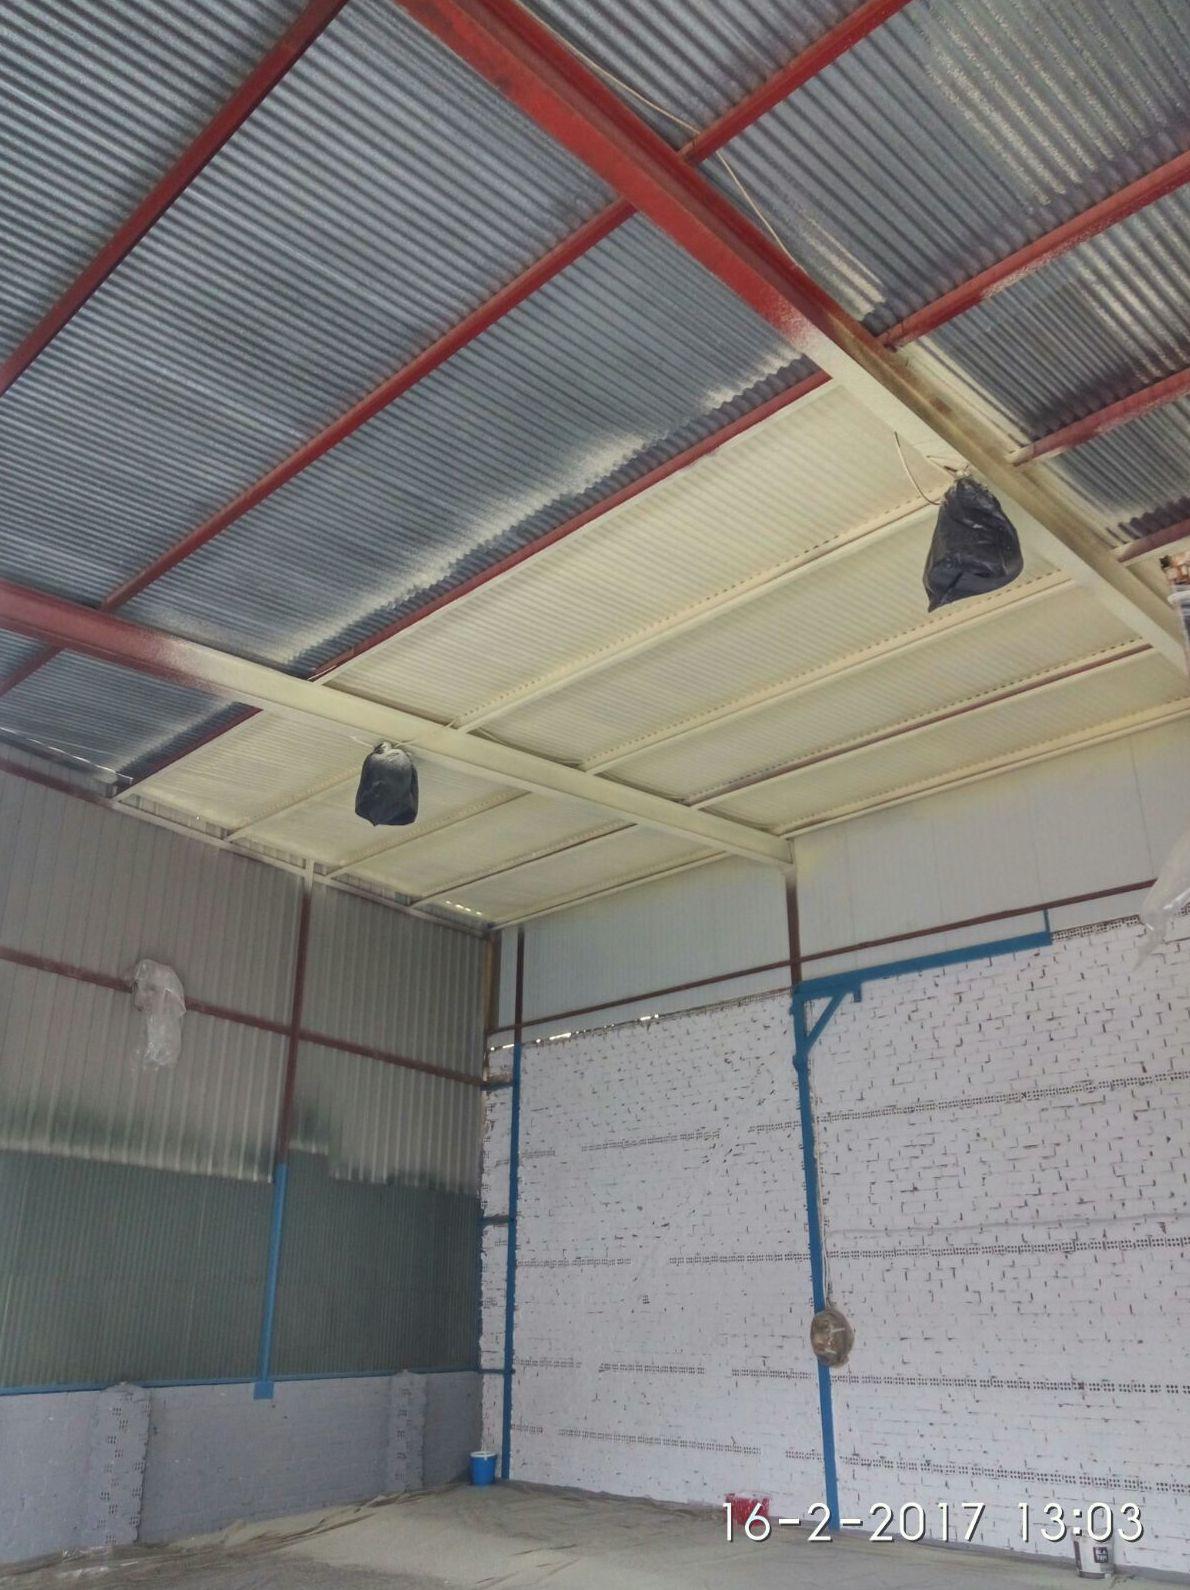 Aislamiento de espuma de poliuretano en techo de nave por el interior